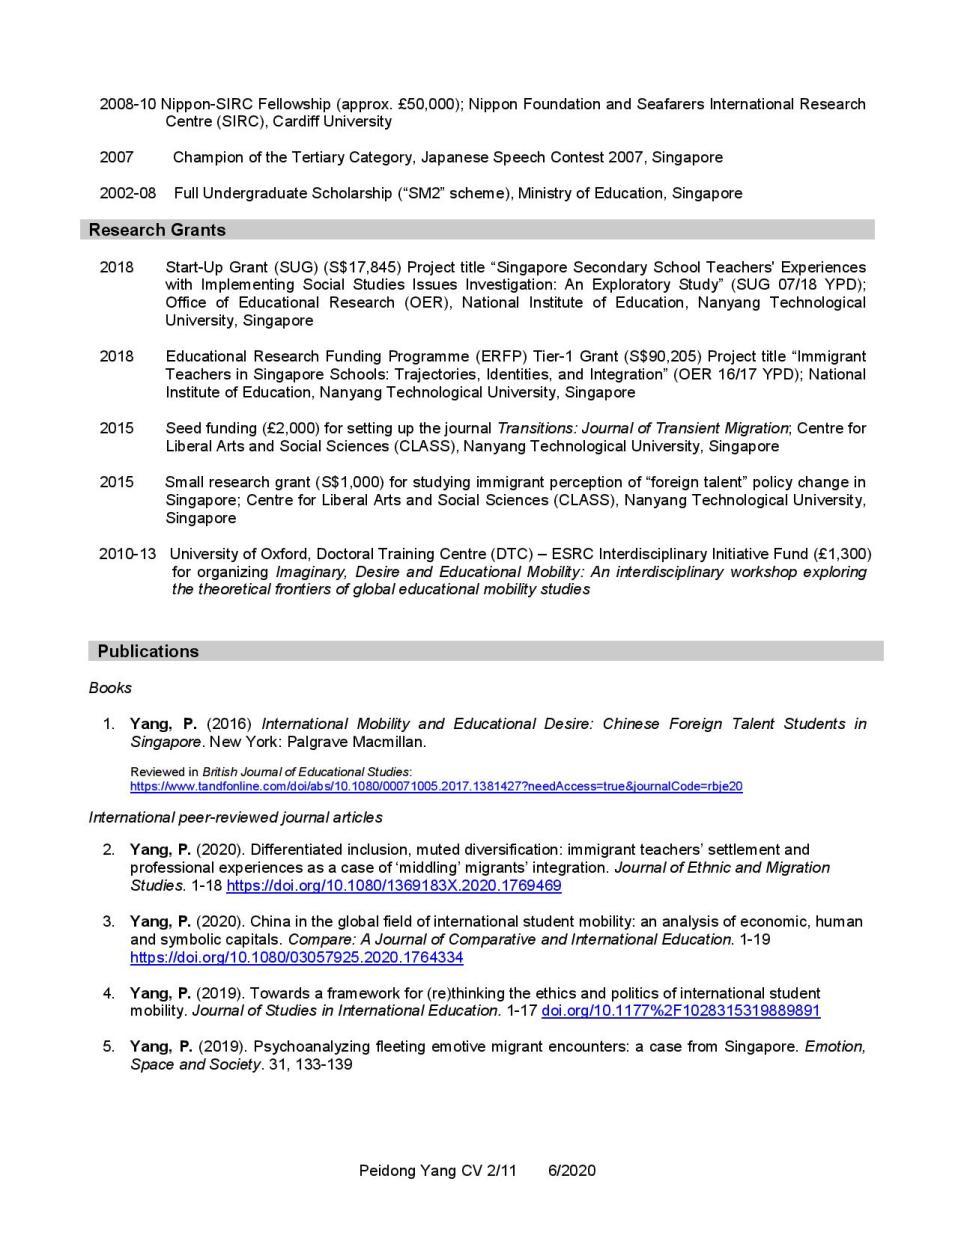 CV YANG Peidong_6.2020-page-002